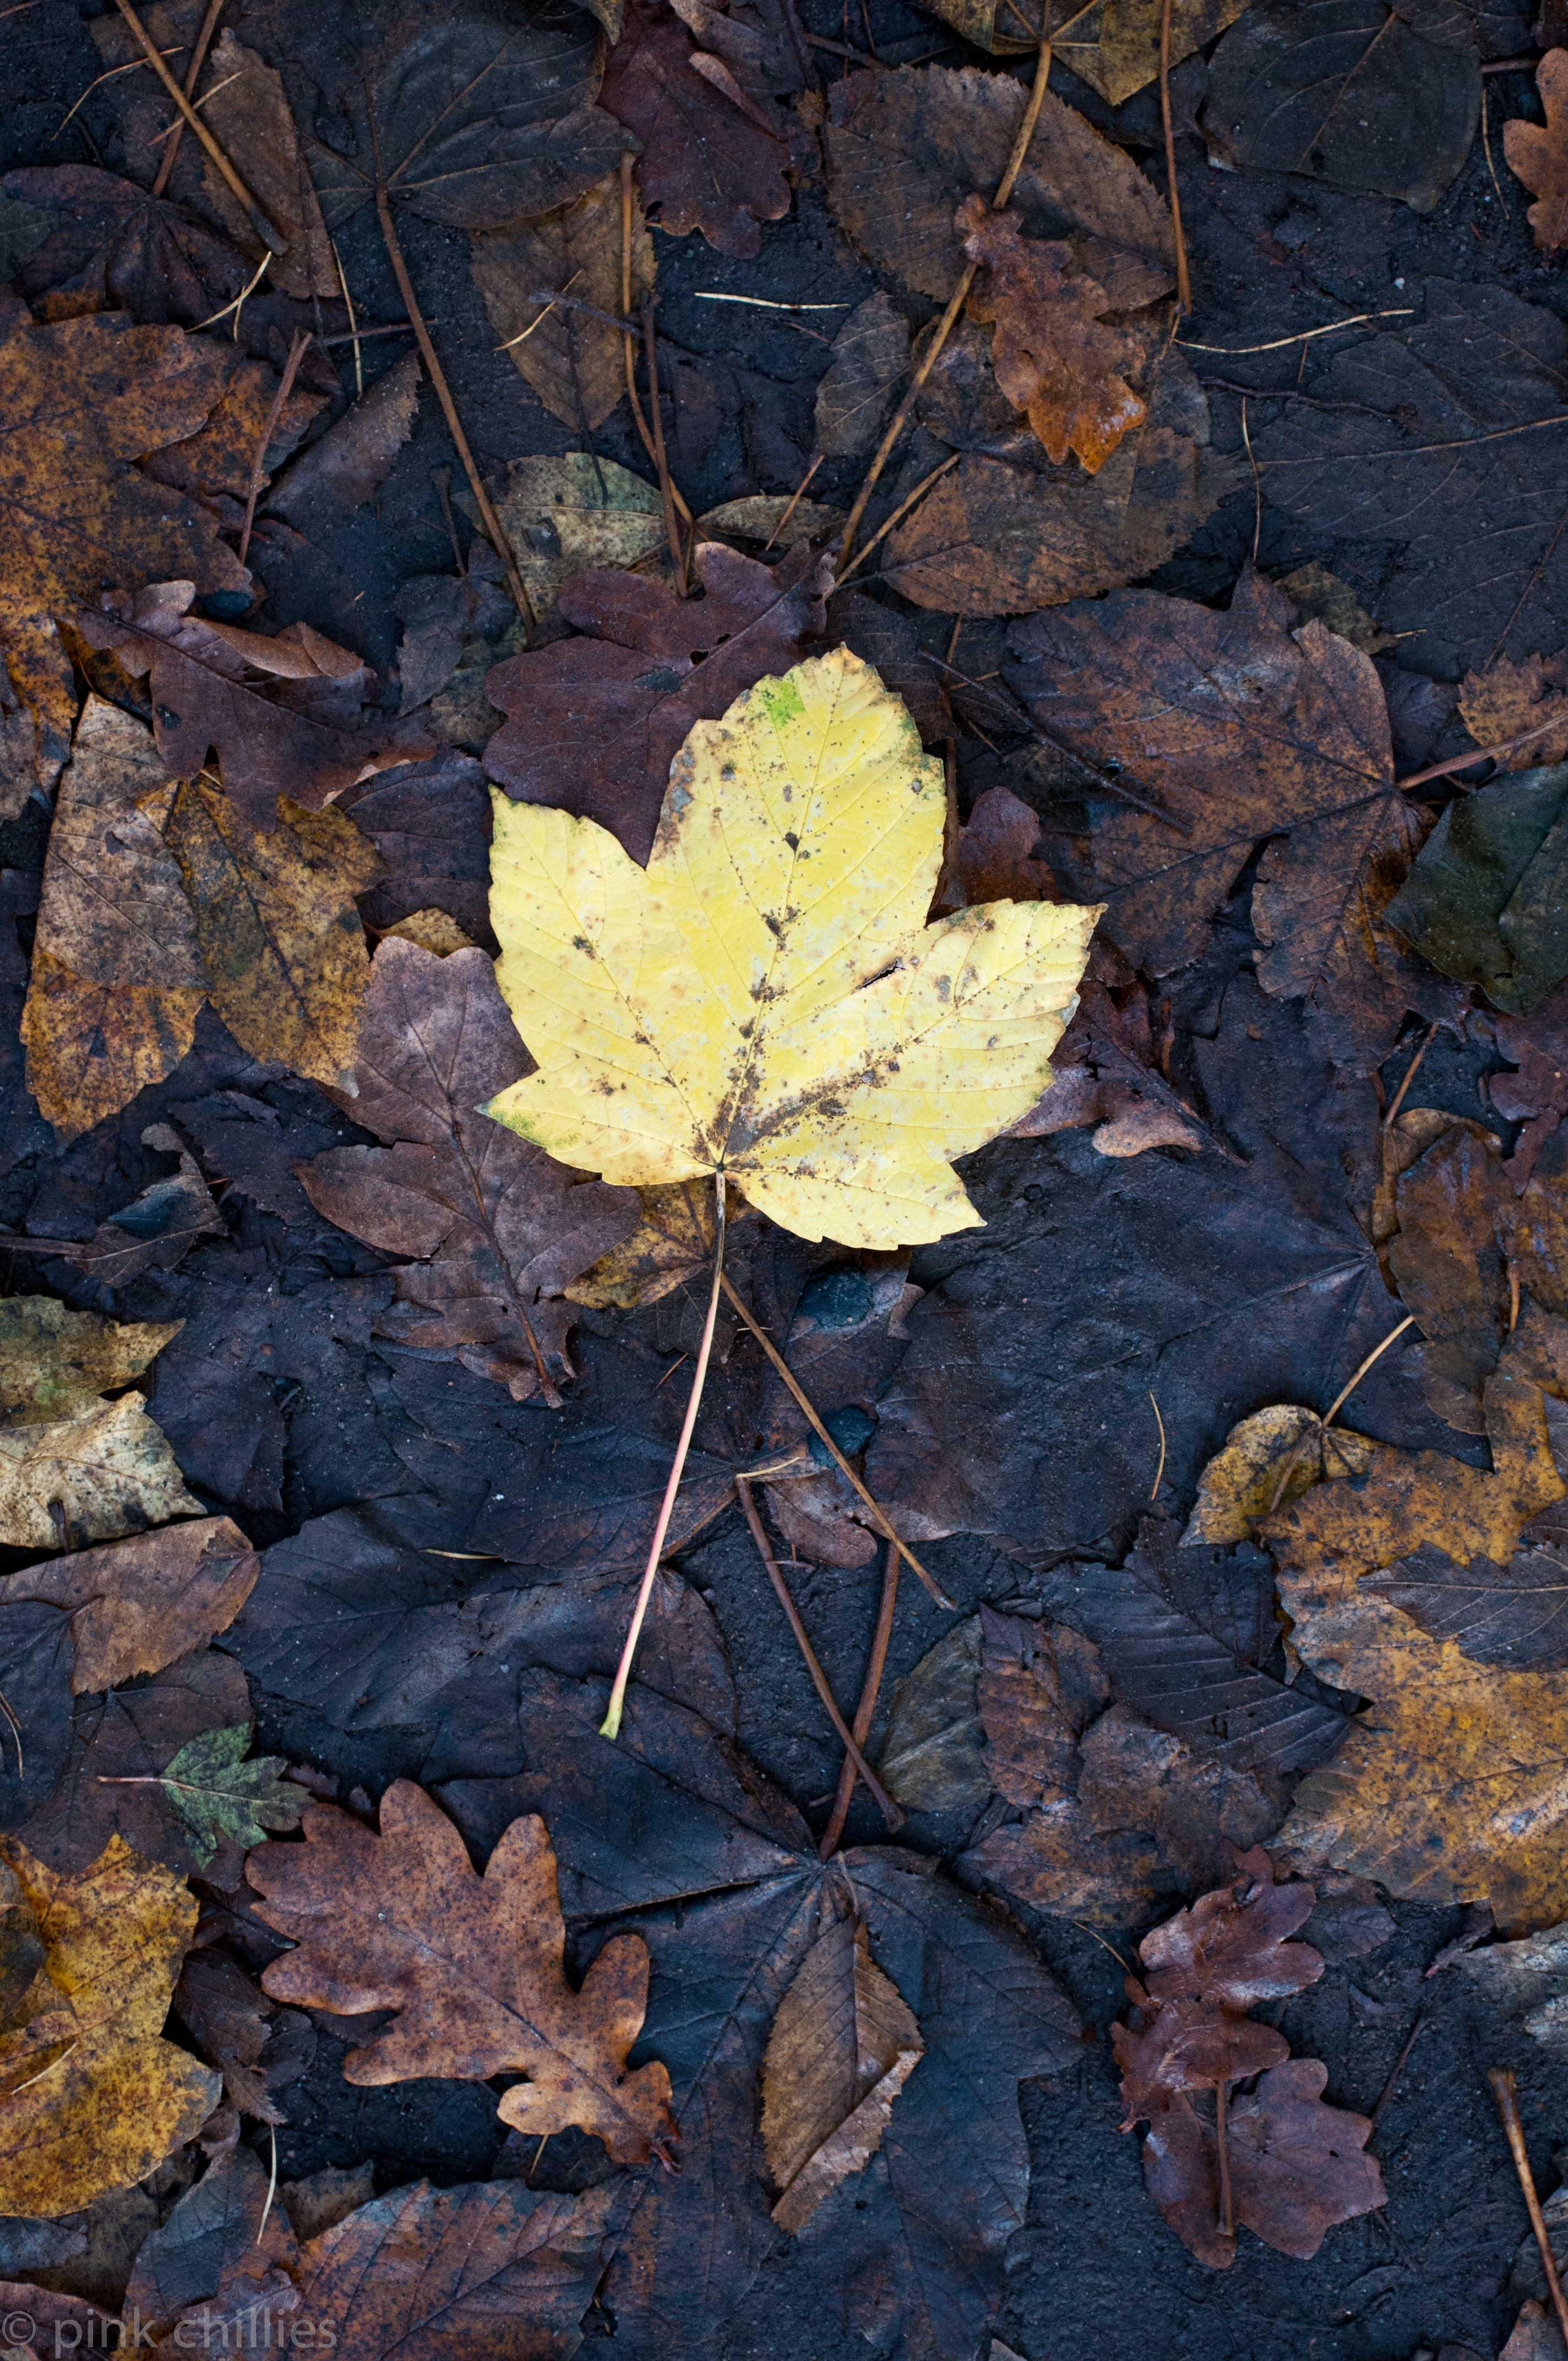 gelbes Blatt auf schmutzigen Laub